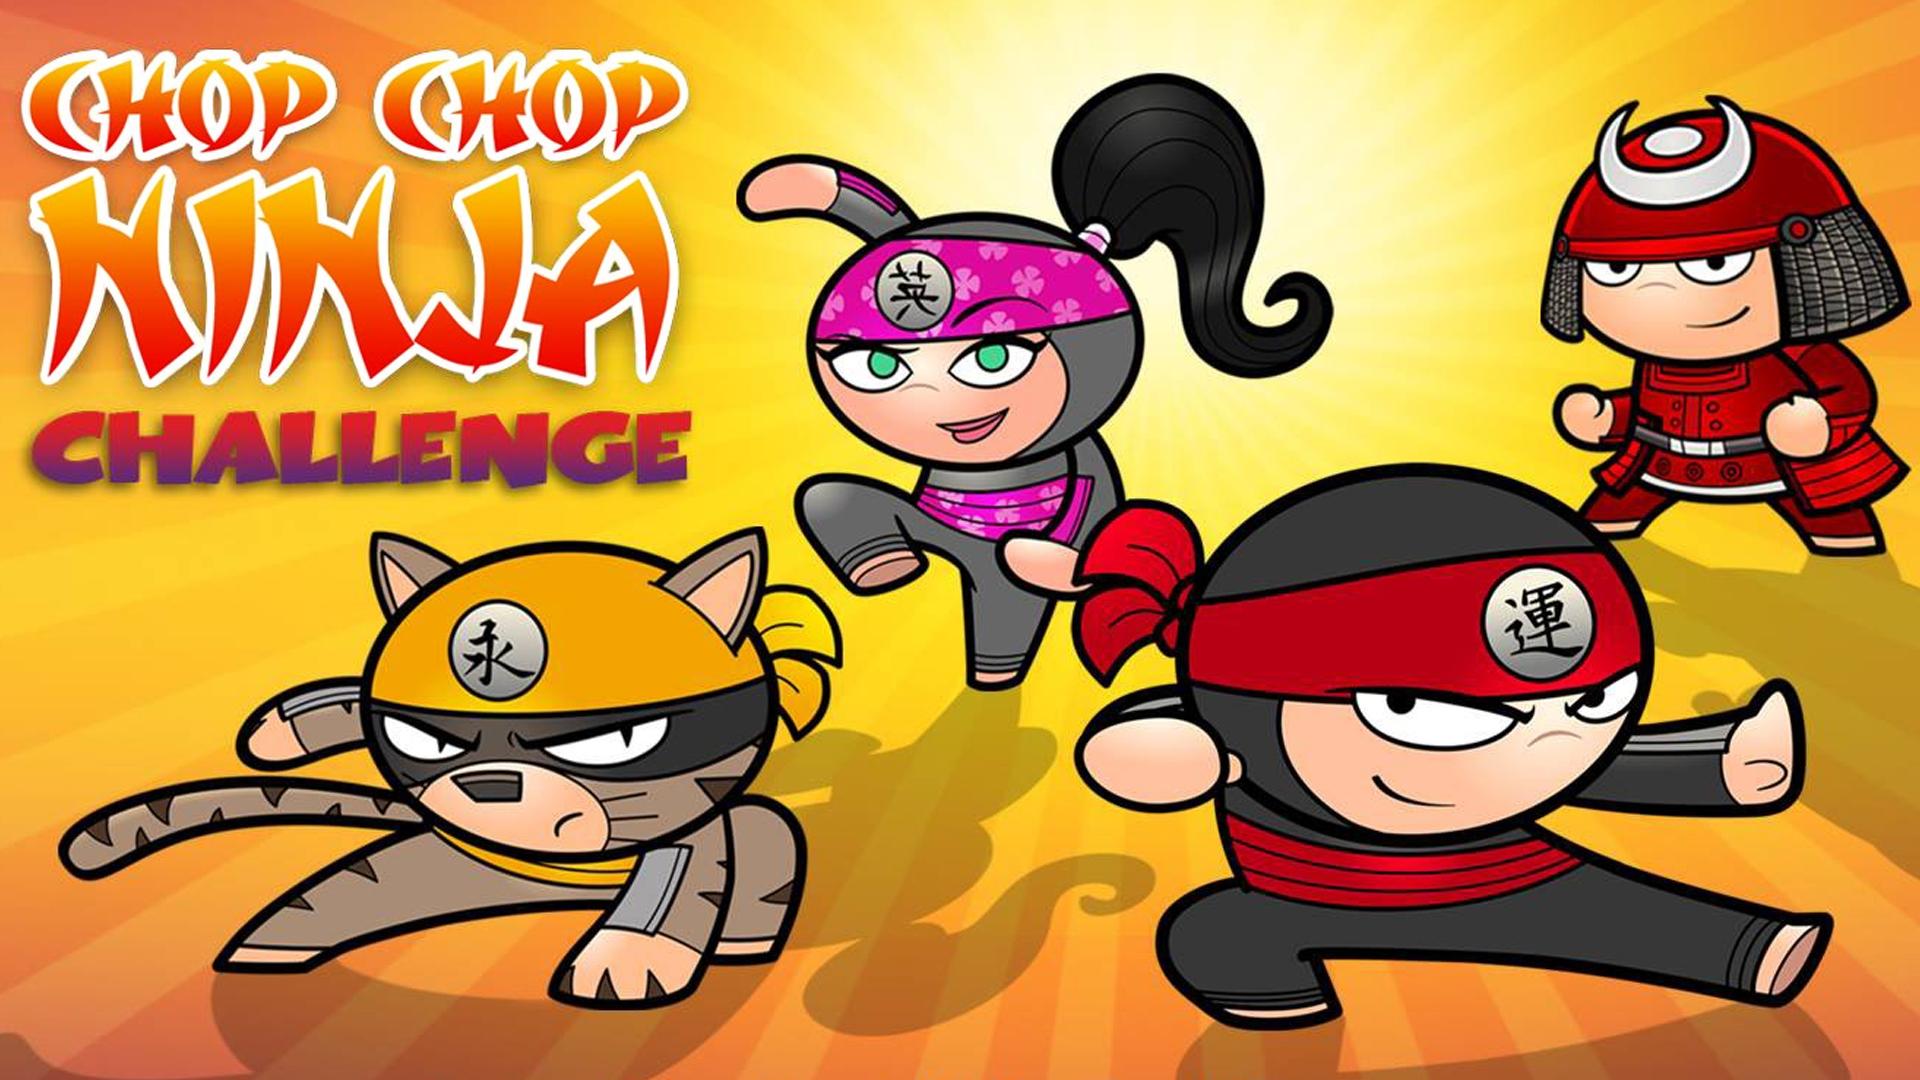 Chop Chop Ninja Challenge